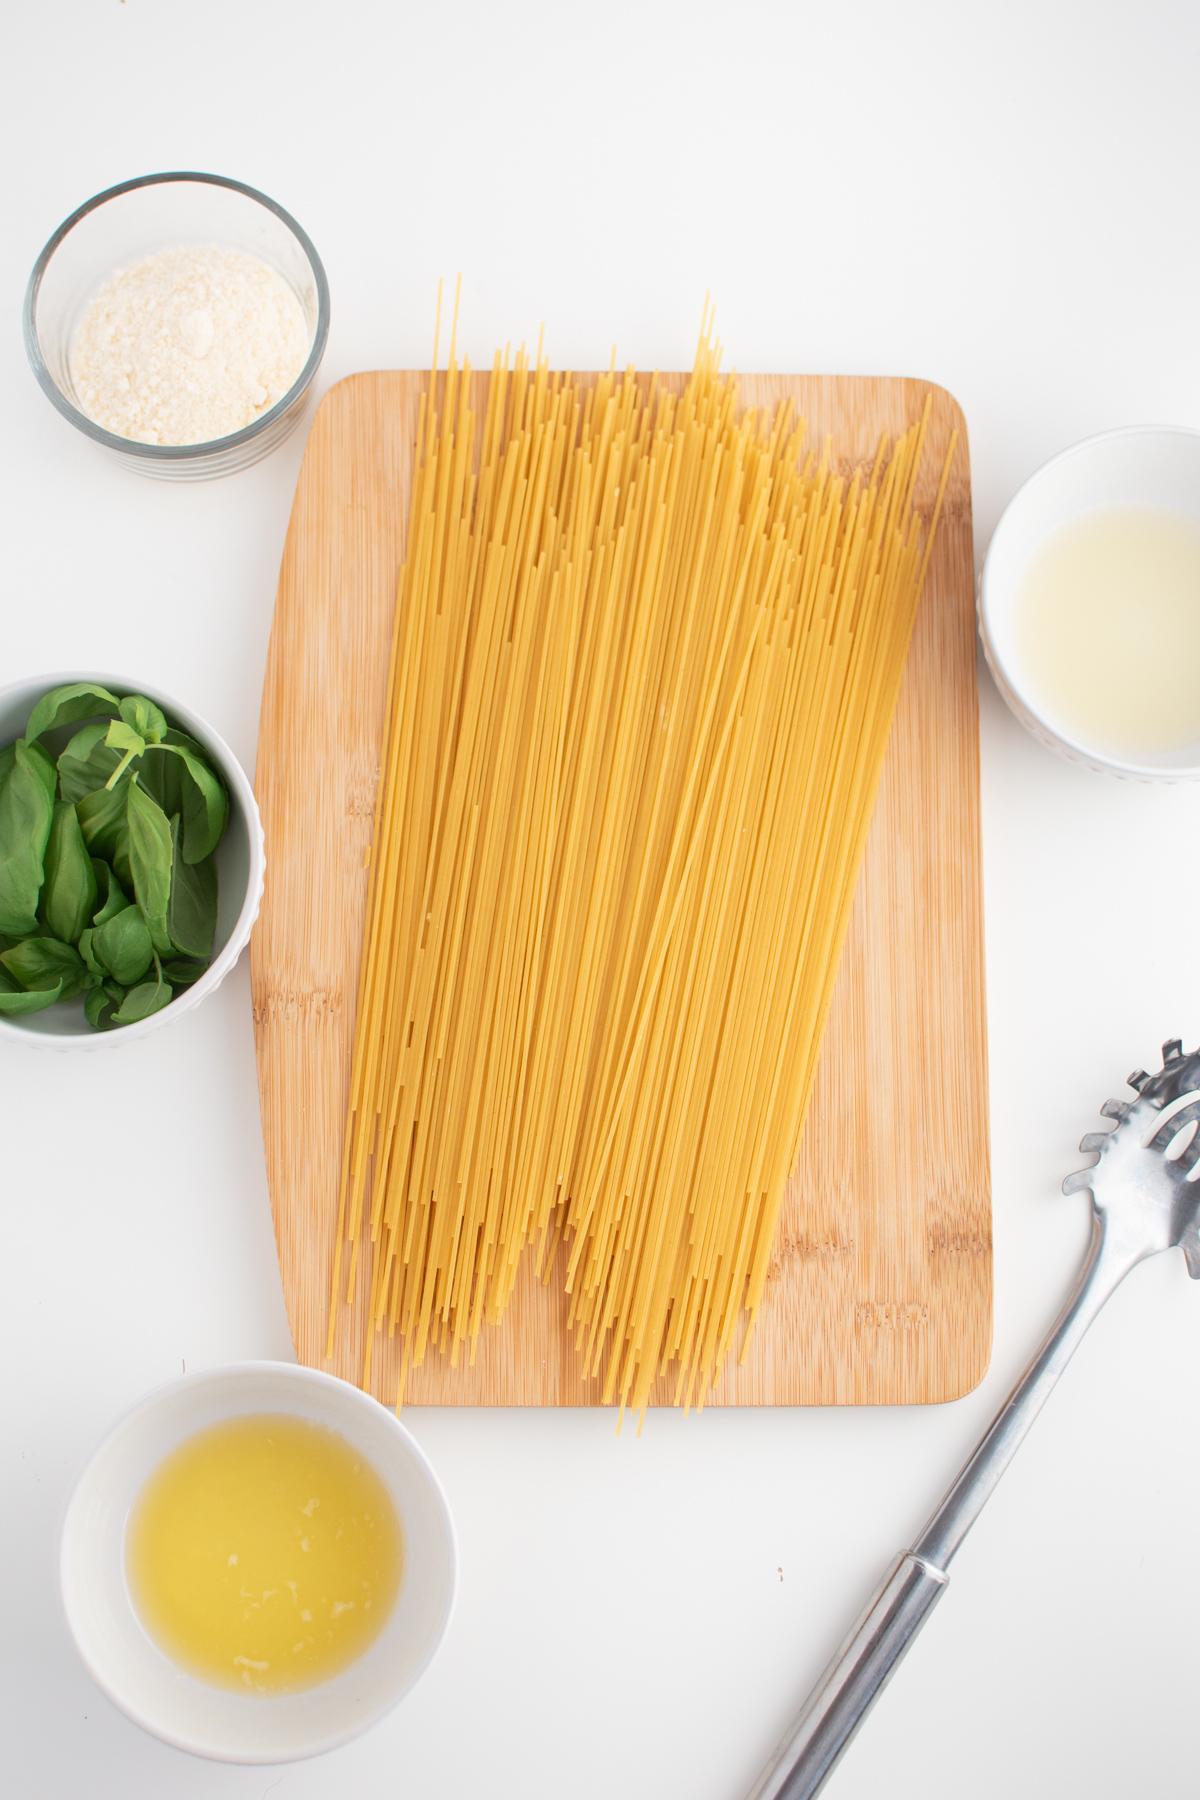 Bowls of lemon basil pasta ingredients on white table.